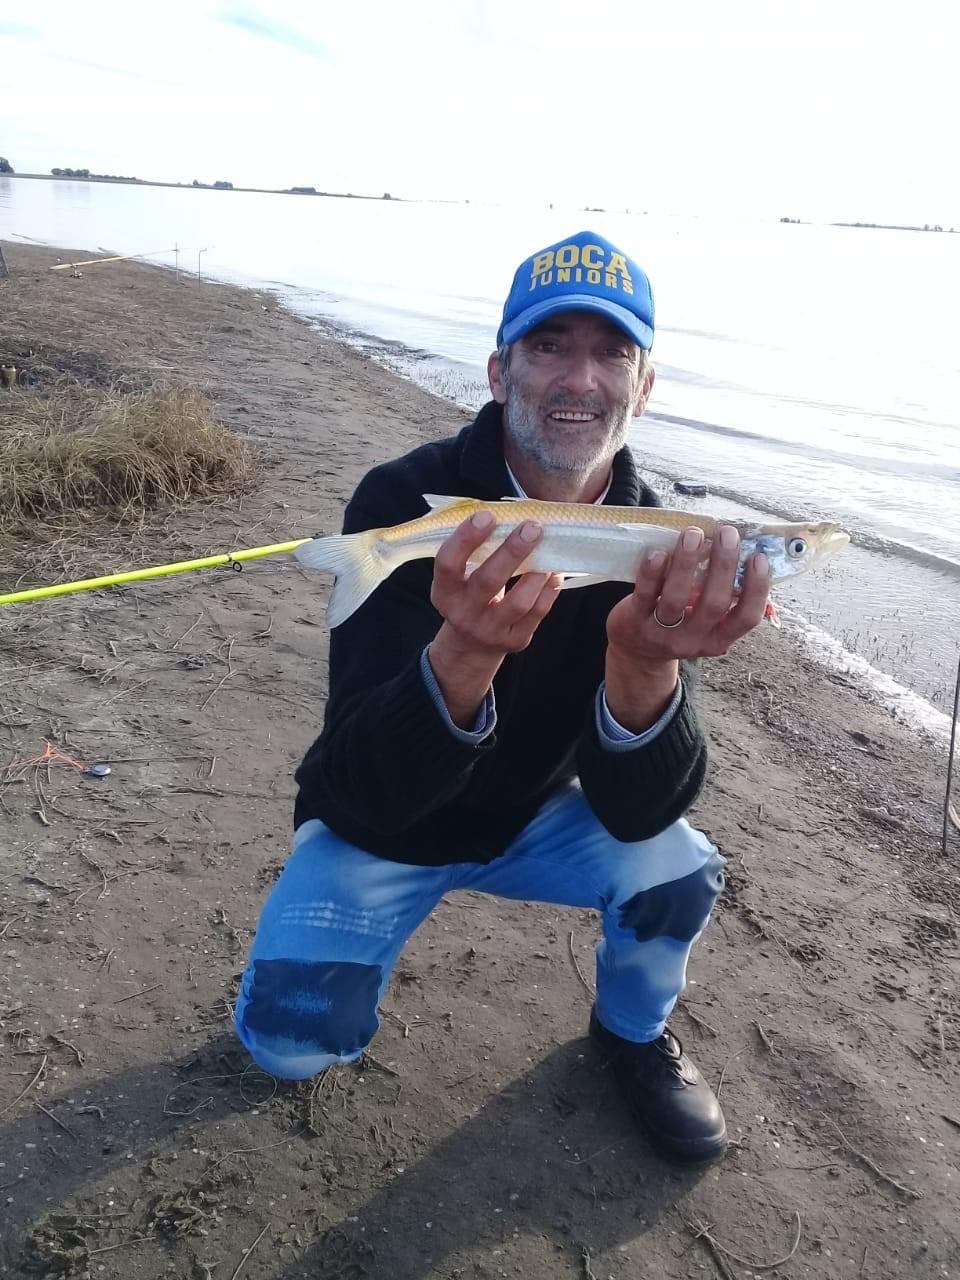 """Jorge """"Pali"""" Ruggeri: """"La pesca es amigos y diversión por eso se comparte y se practica mucho"""""""